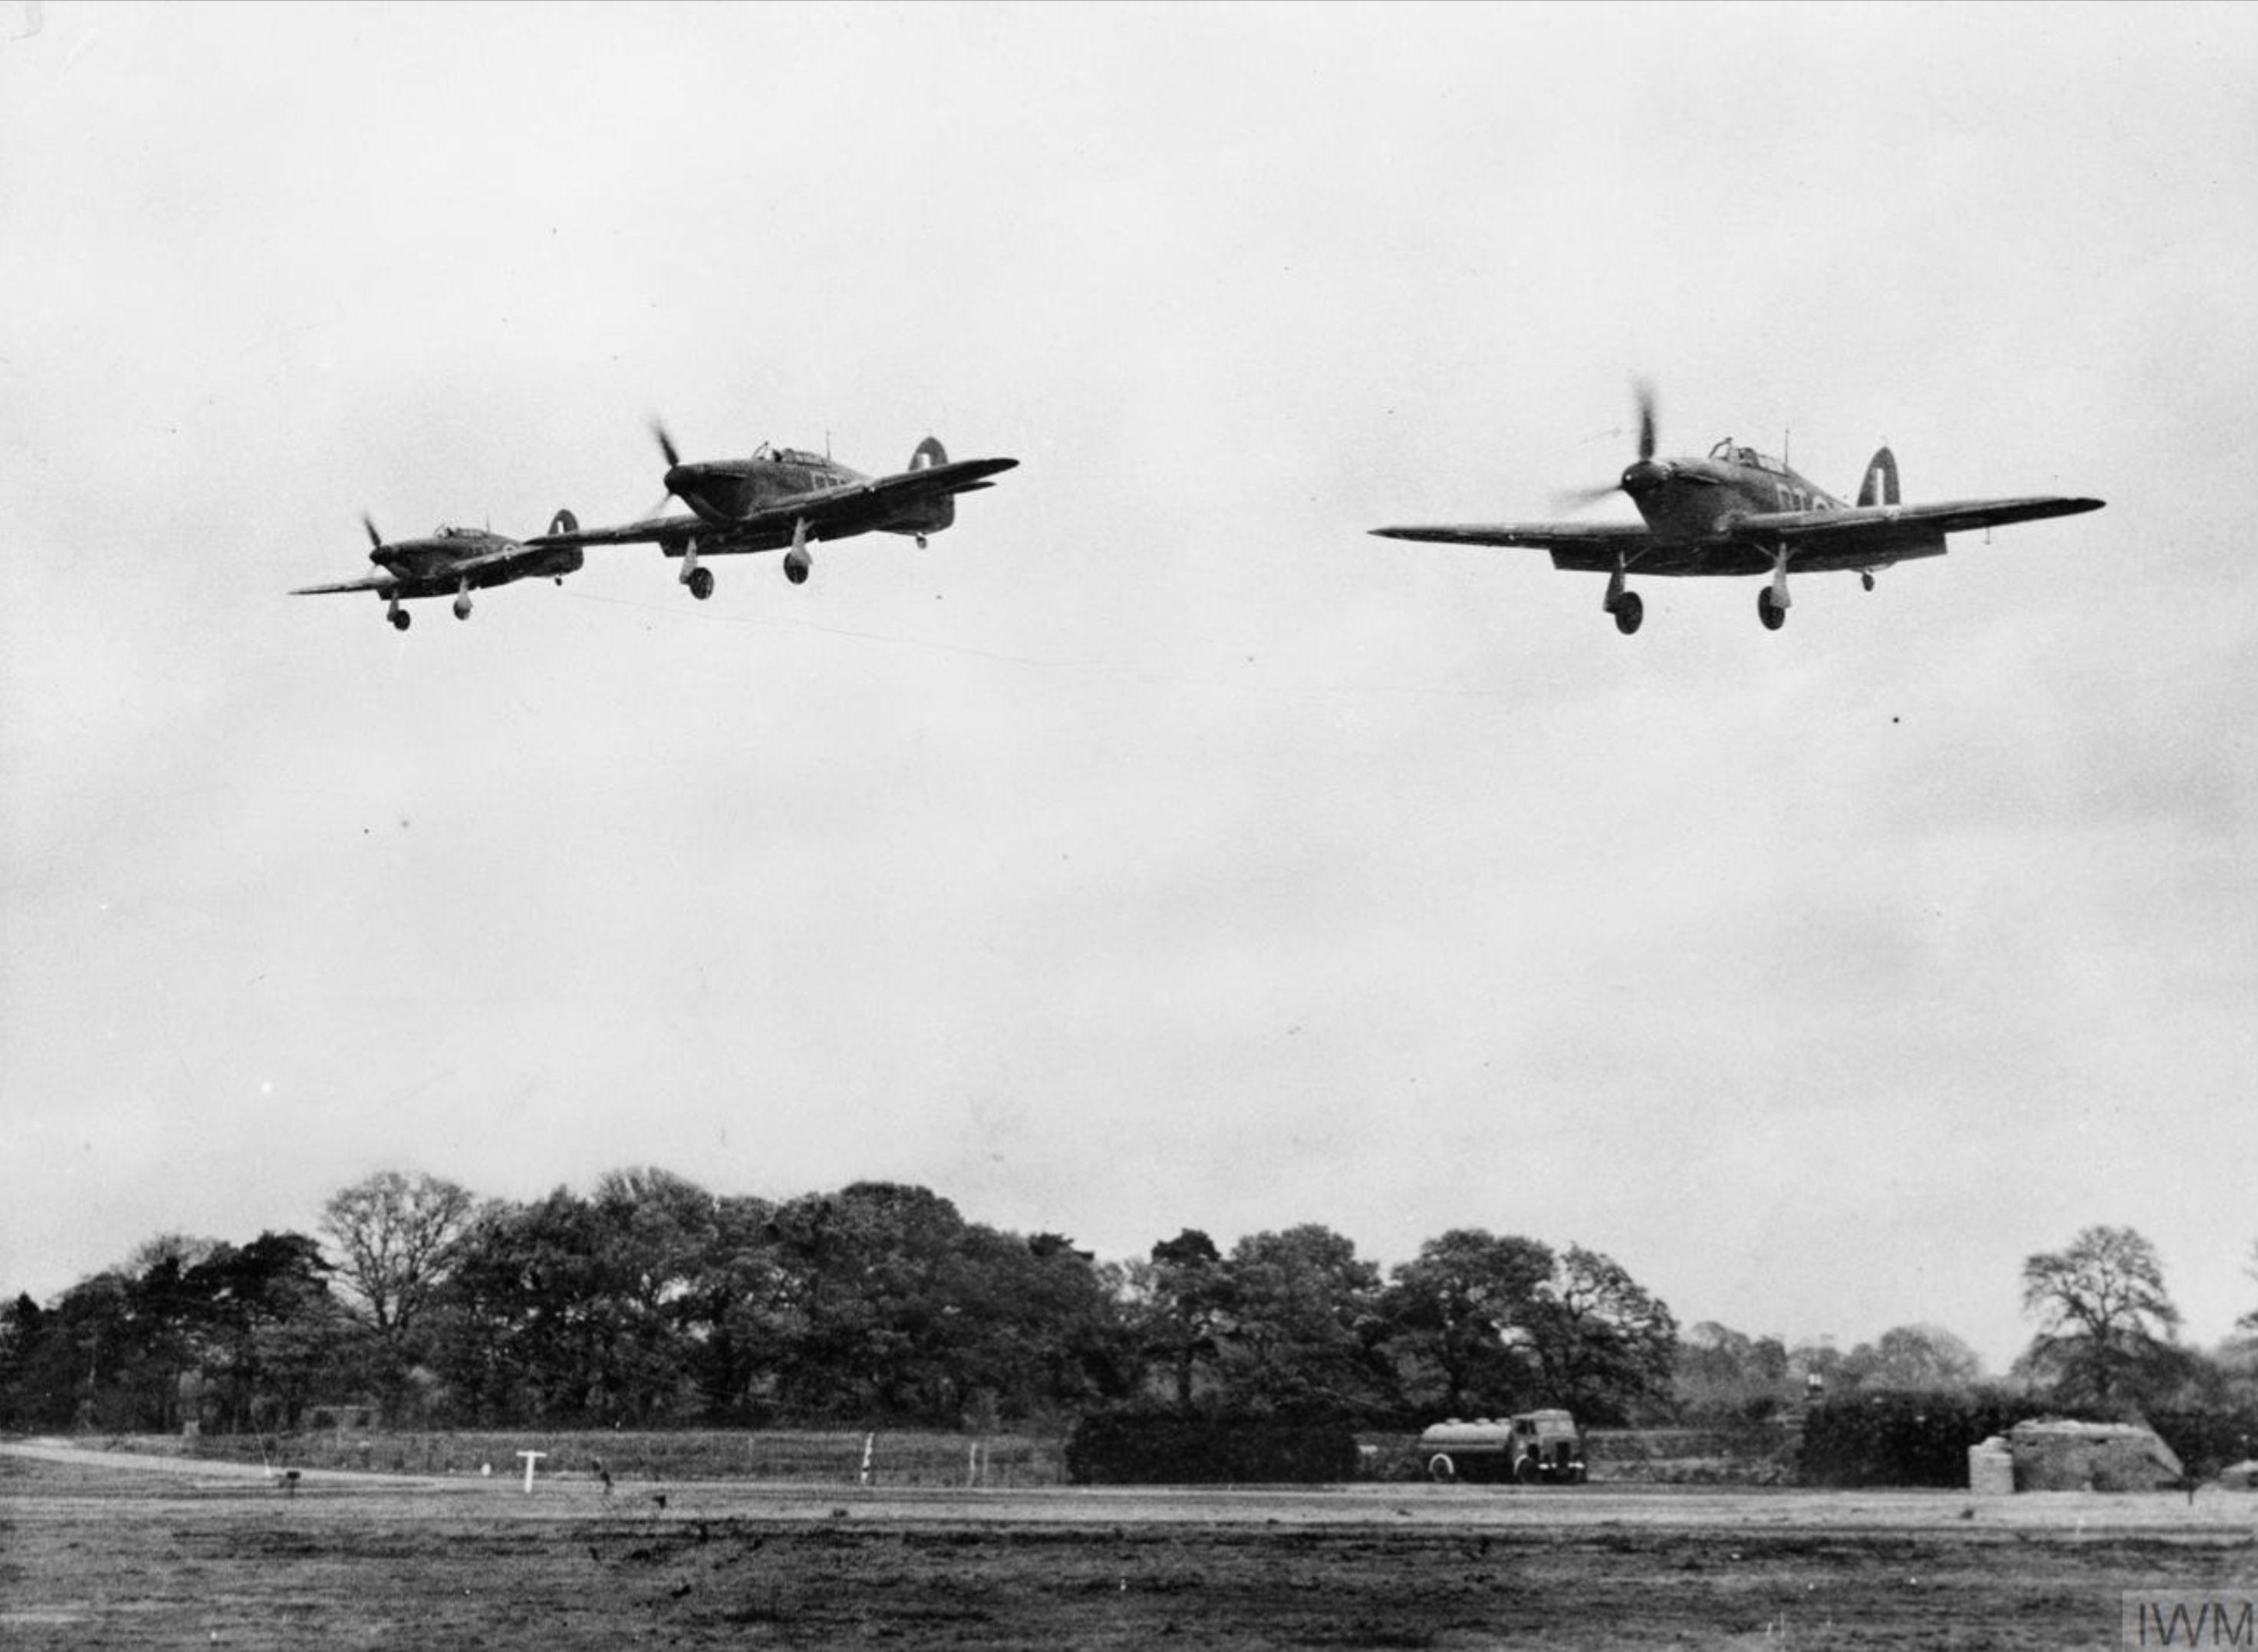 Hurricane I RAF 257Sqn landing at Martlesham Heath 1940 IWM CH1673